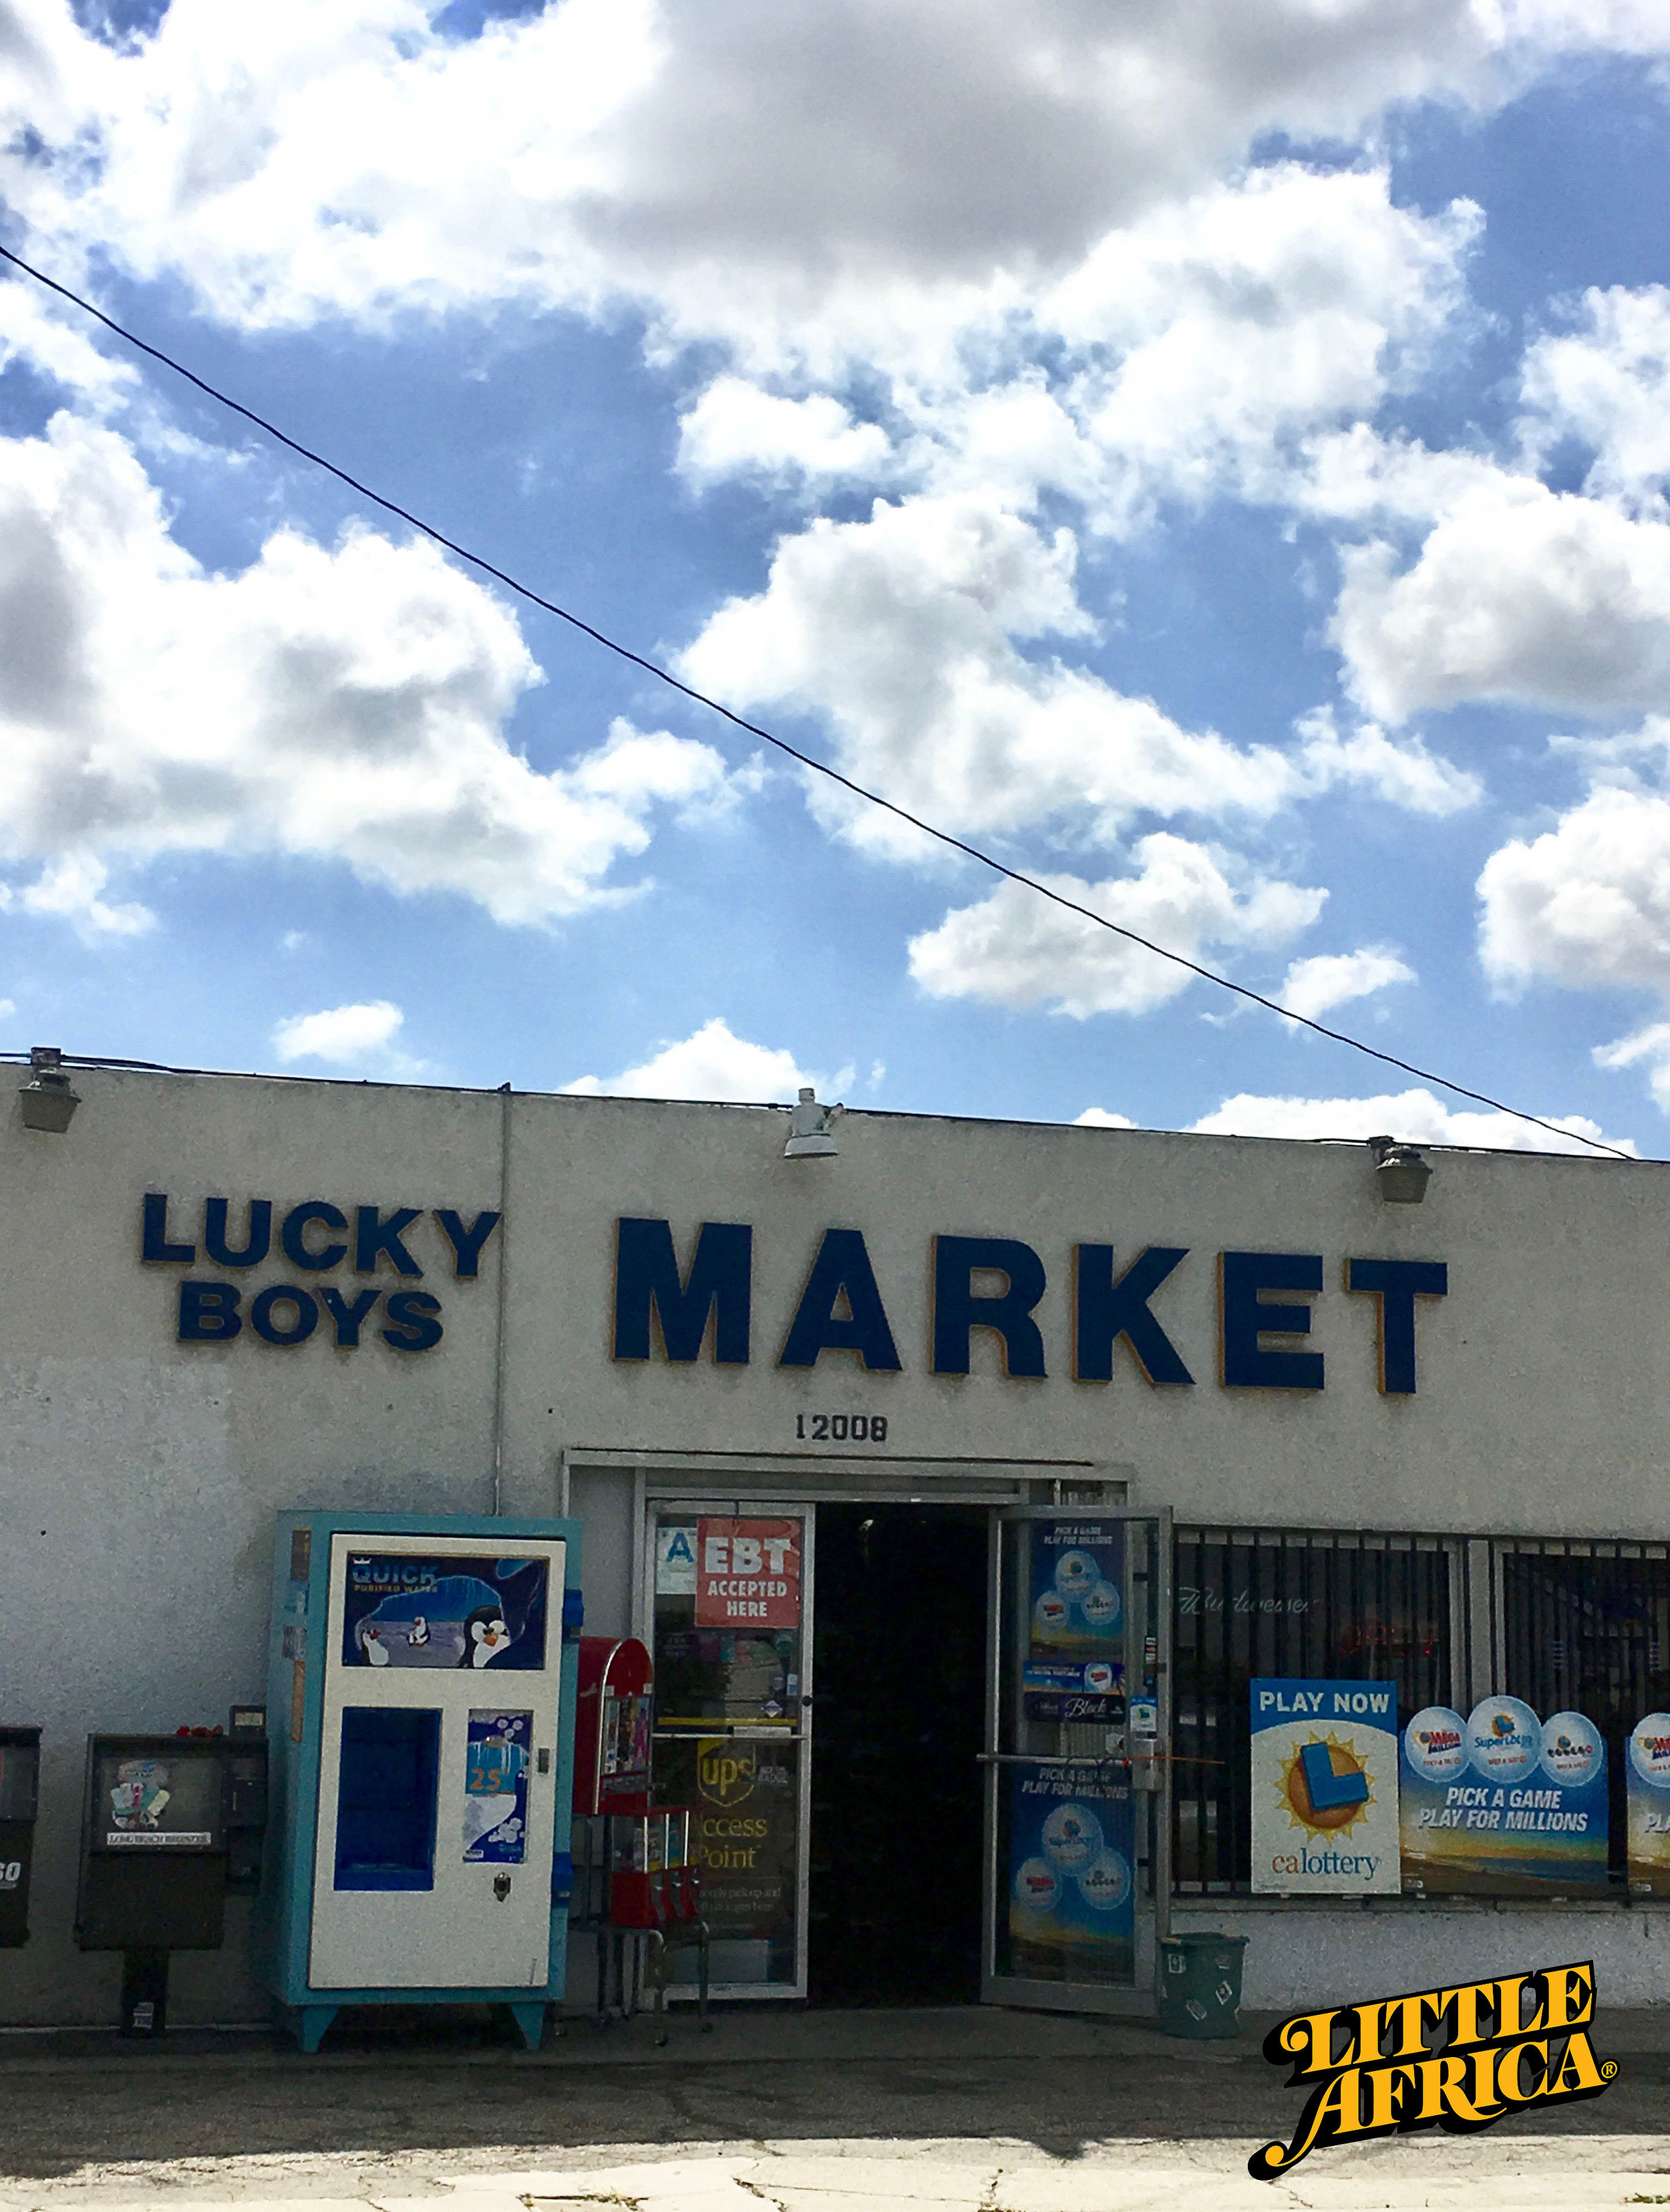 LuckBoysAd.jpg